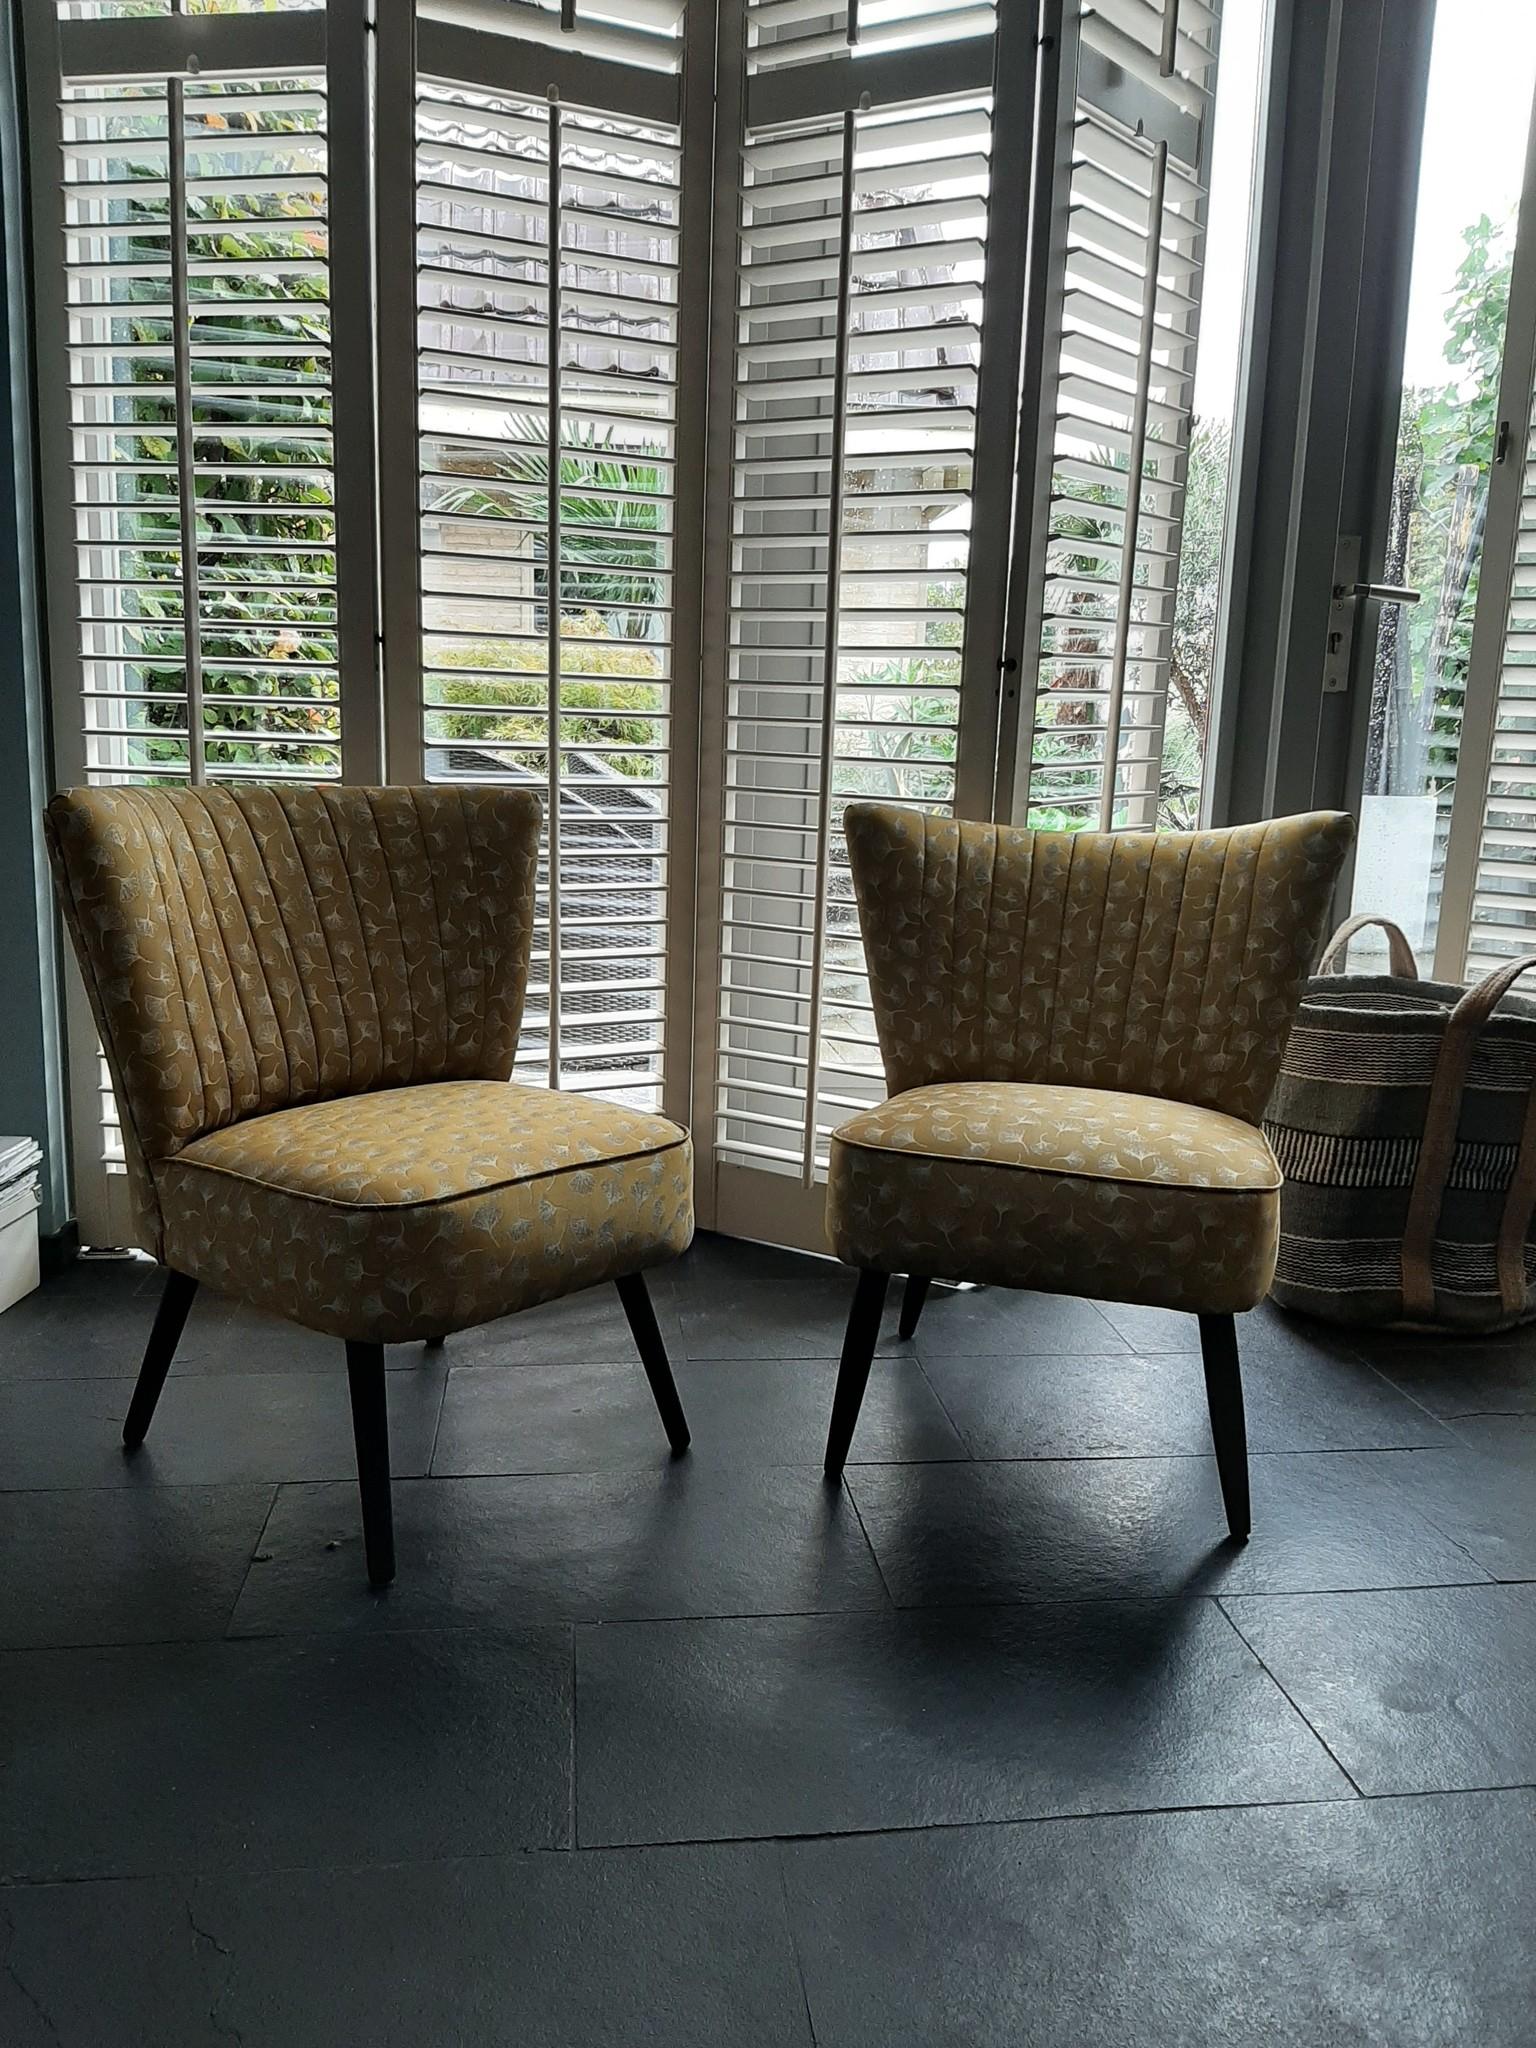 Heb jij al eens zelf een stoel of kruk gestoffeerd?